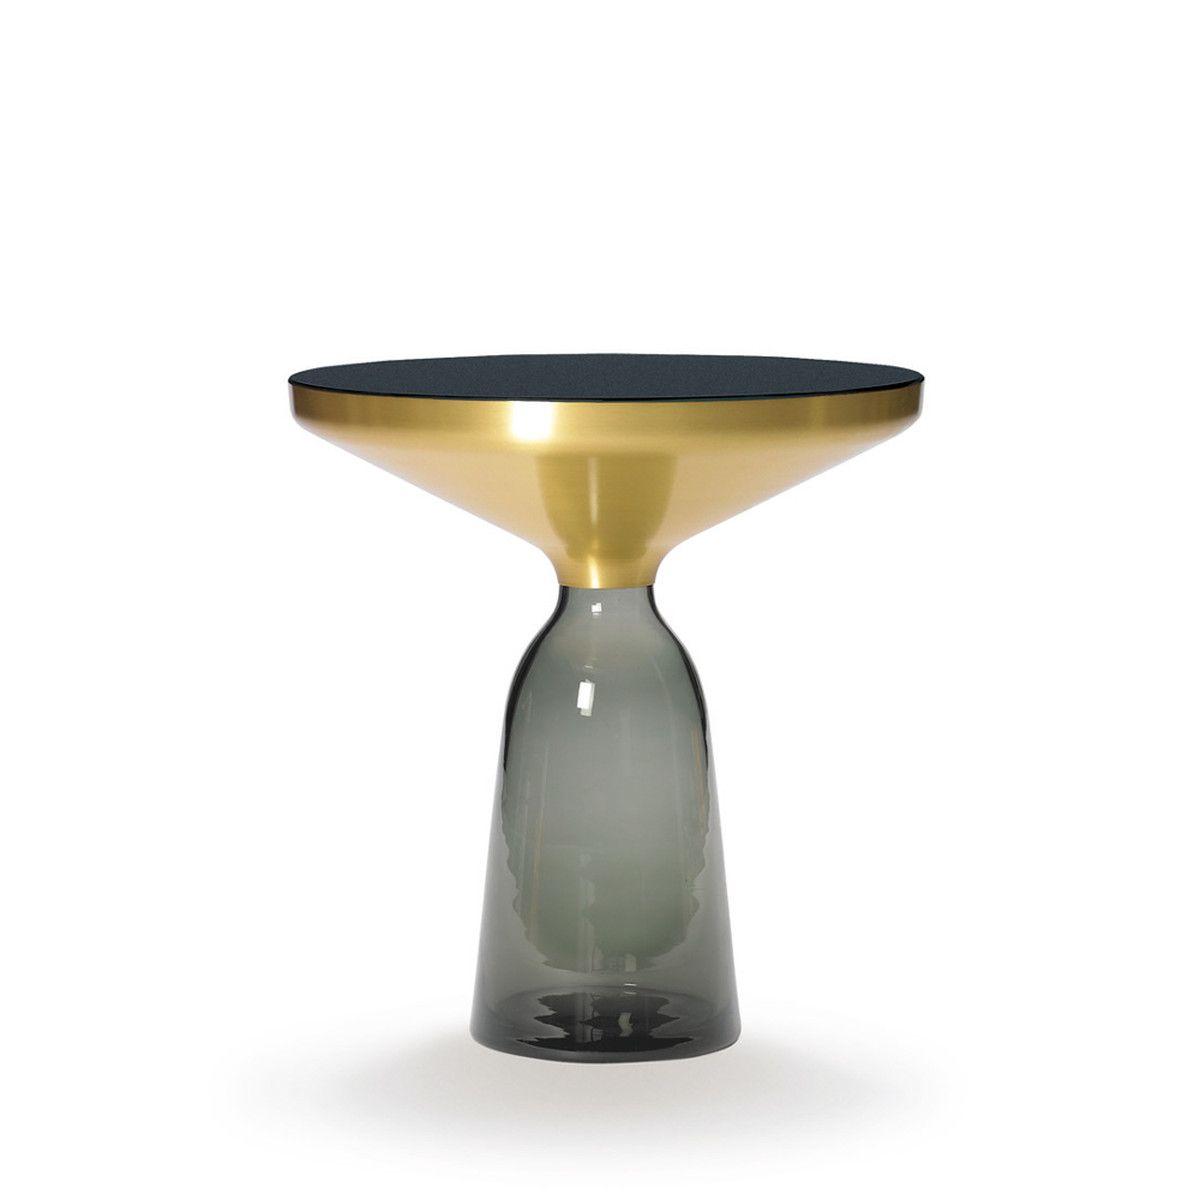 Messing Beistelltisch Modernes Design Minimalismus Design